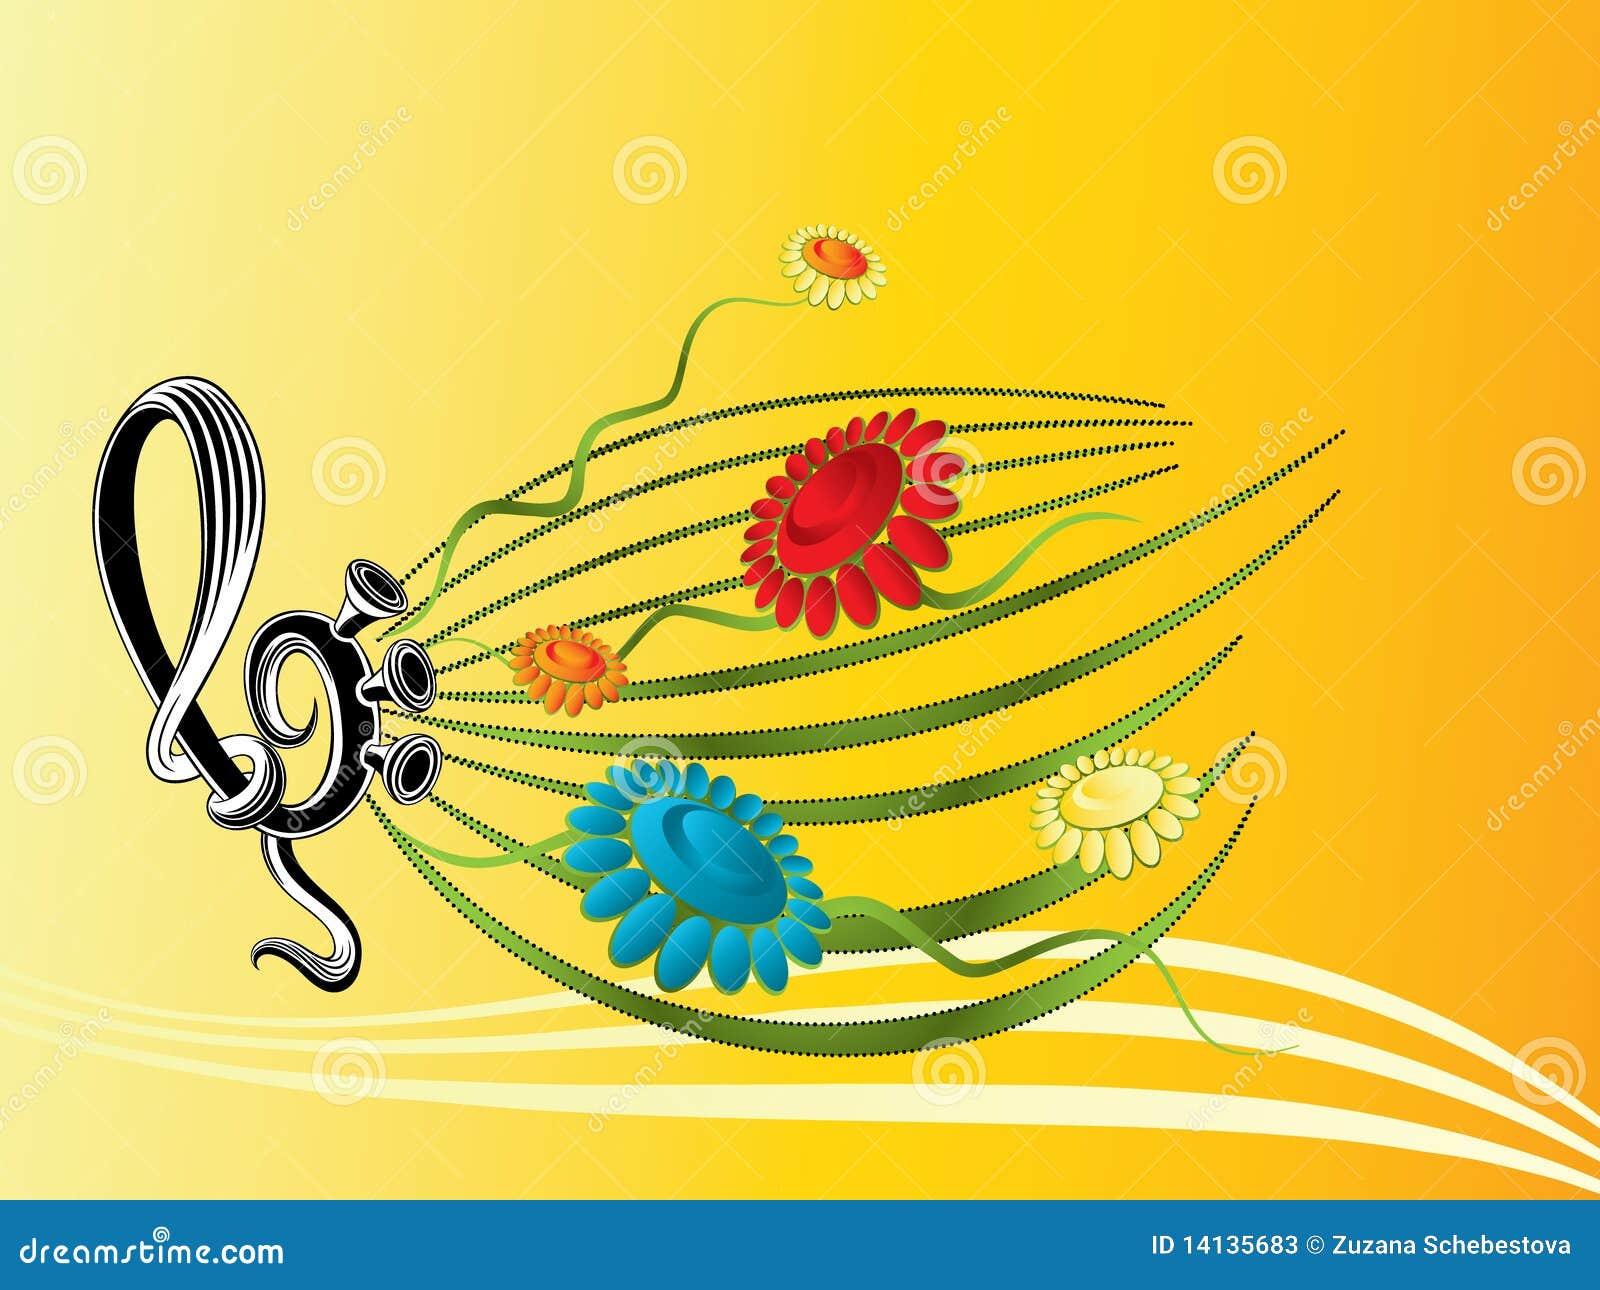 Good Wallpaper Music Summer - music-summer-wallpaper-14135683  Graphic_759096.jpg